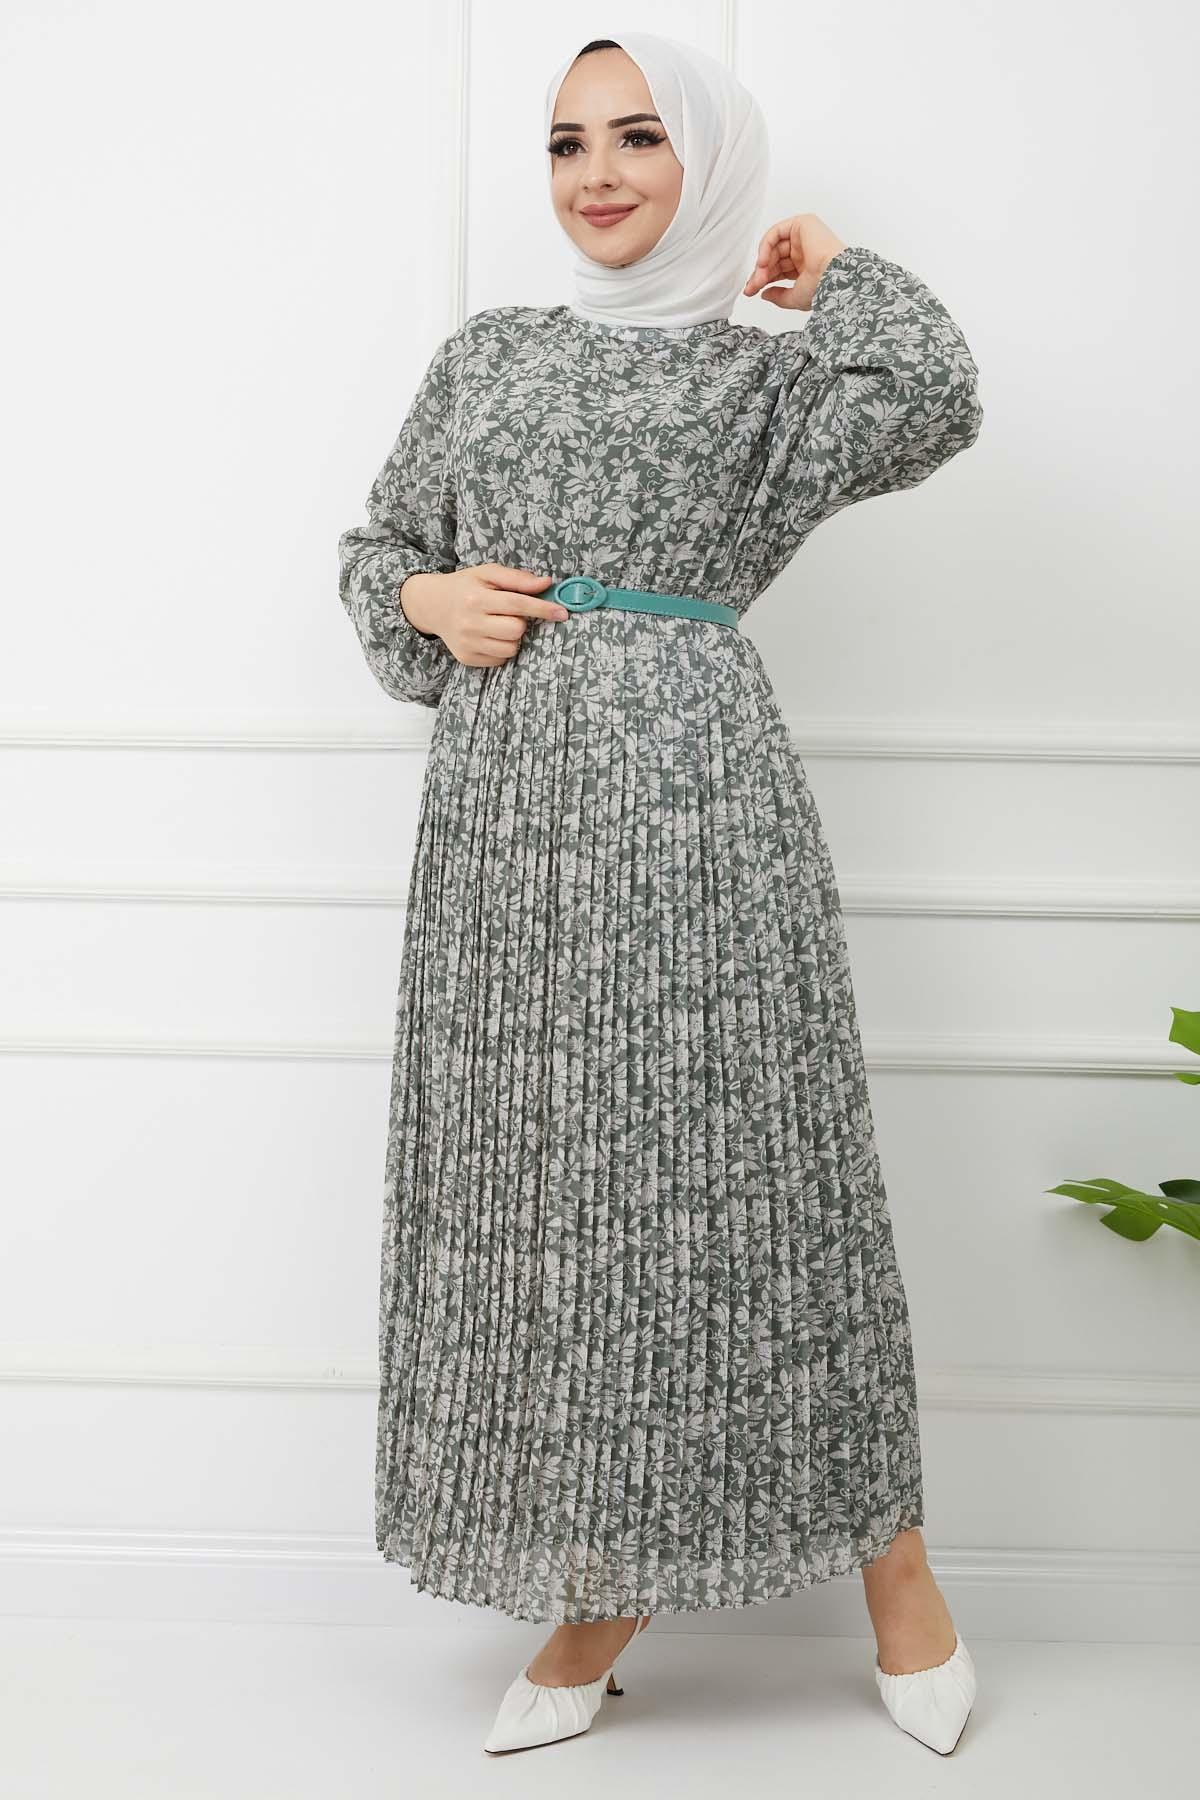 Piliseli Şifon Elbise - Çağla